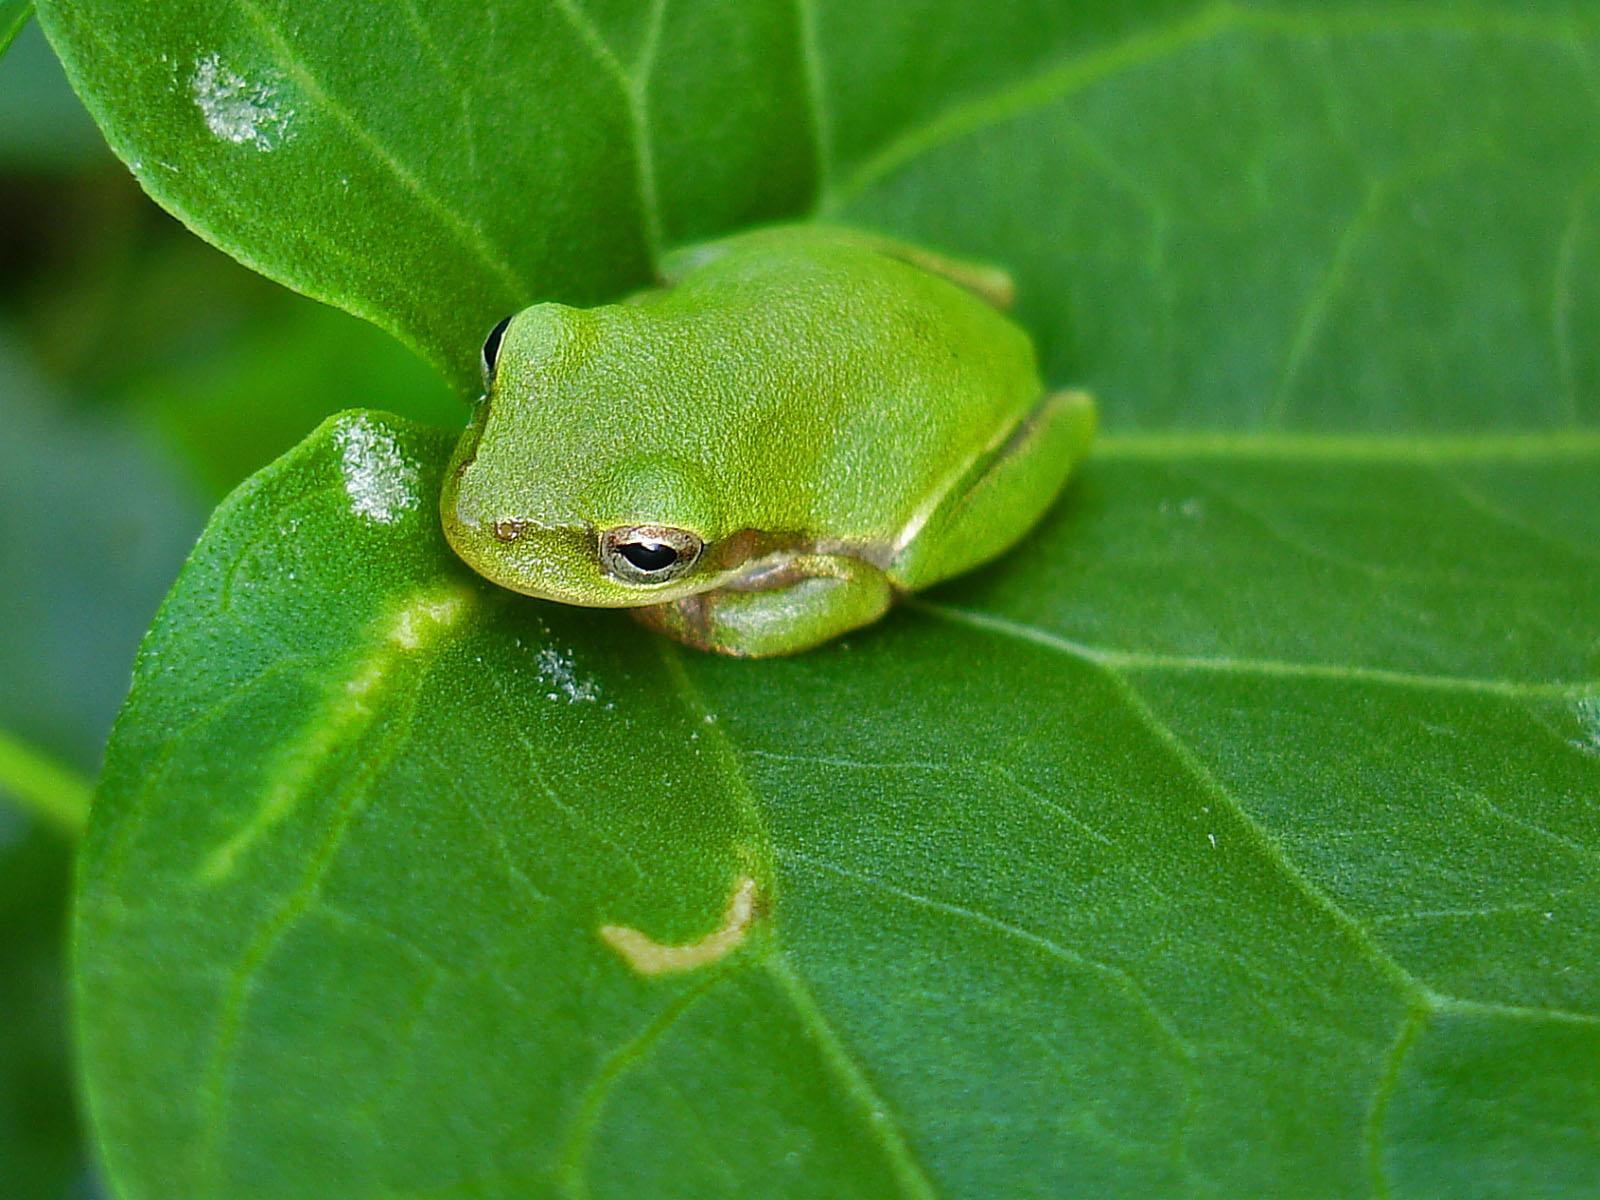 Cute Frogs Wallpaper Cute desktop backgrounds 1600x1200